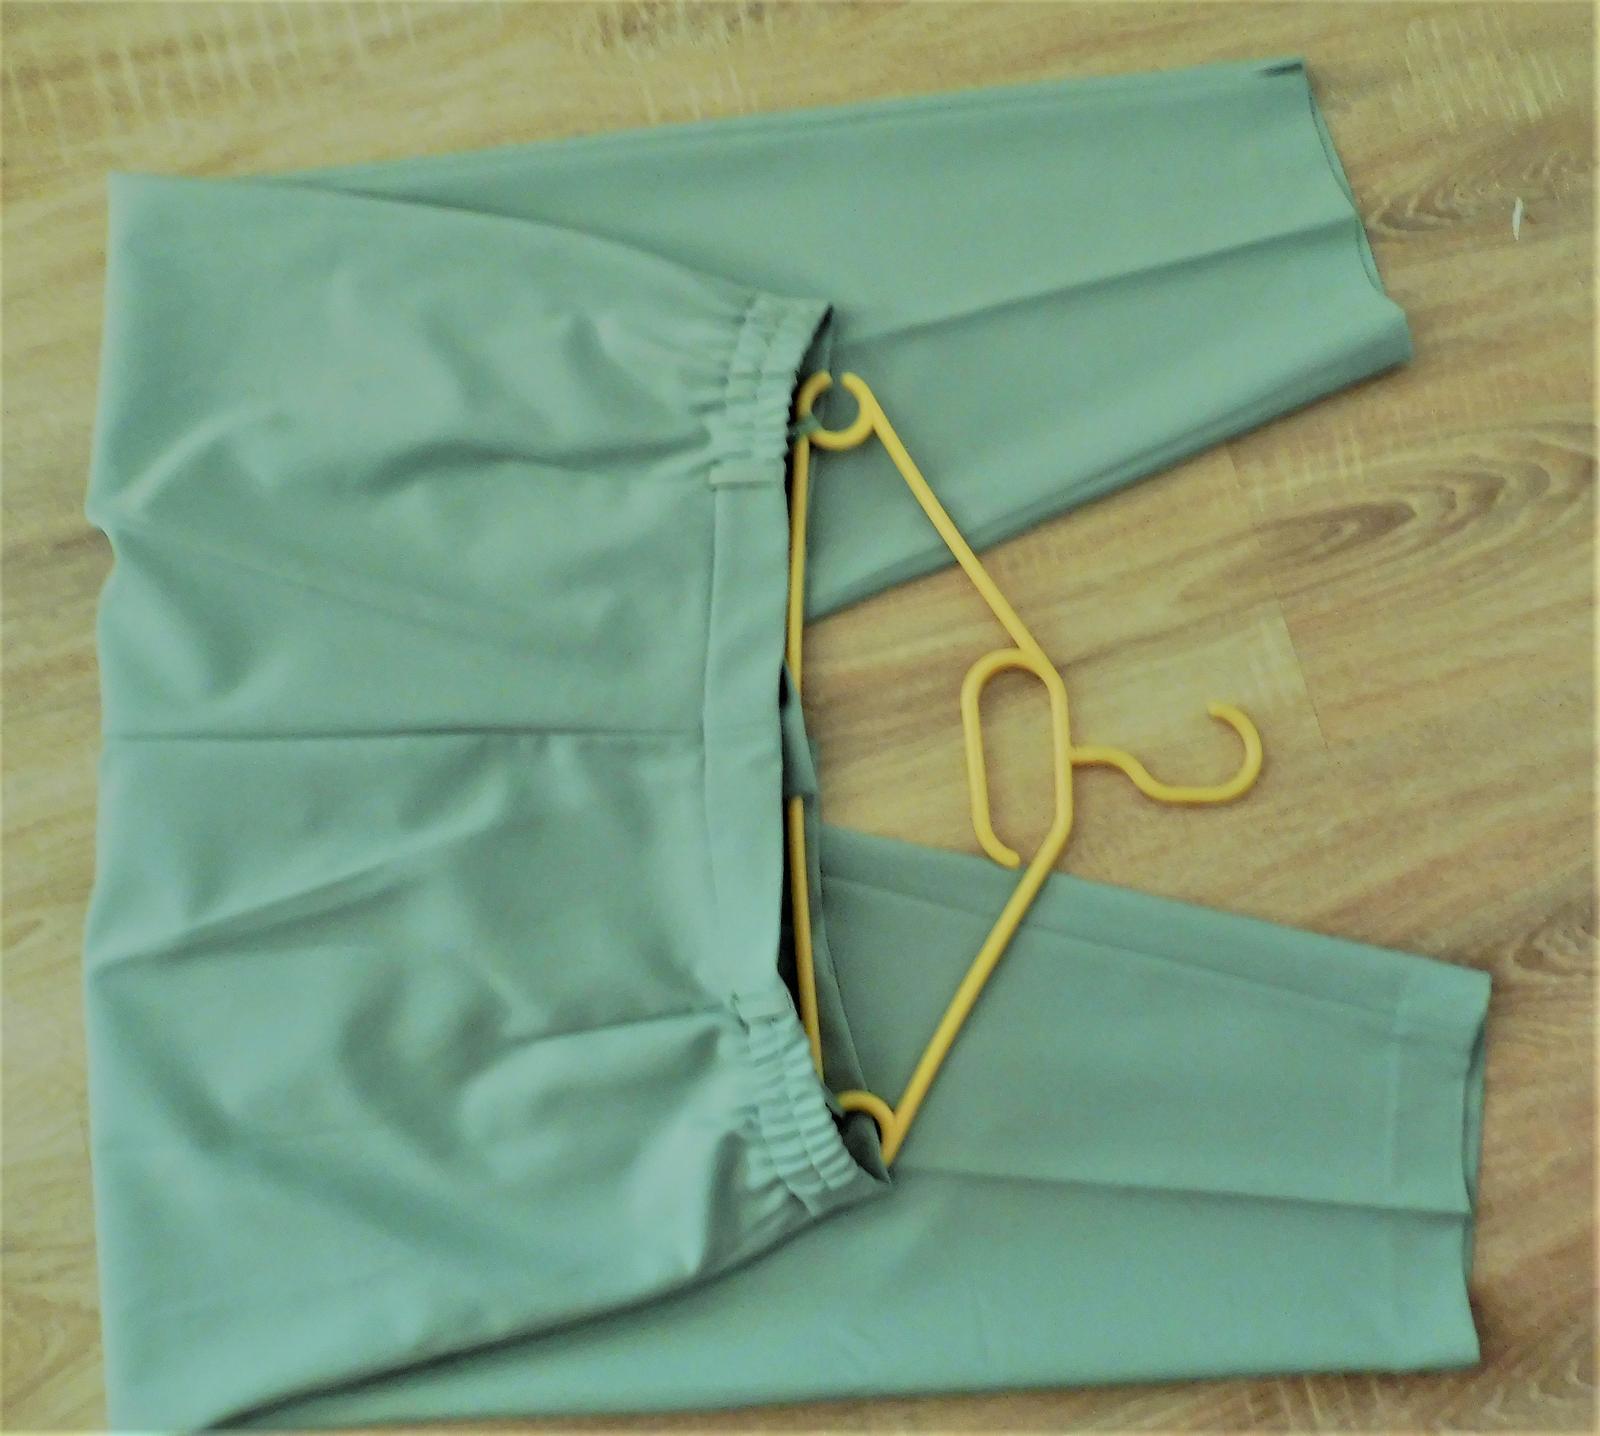 dámský kalhotový kostým - Obrázek č. 4